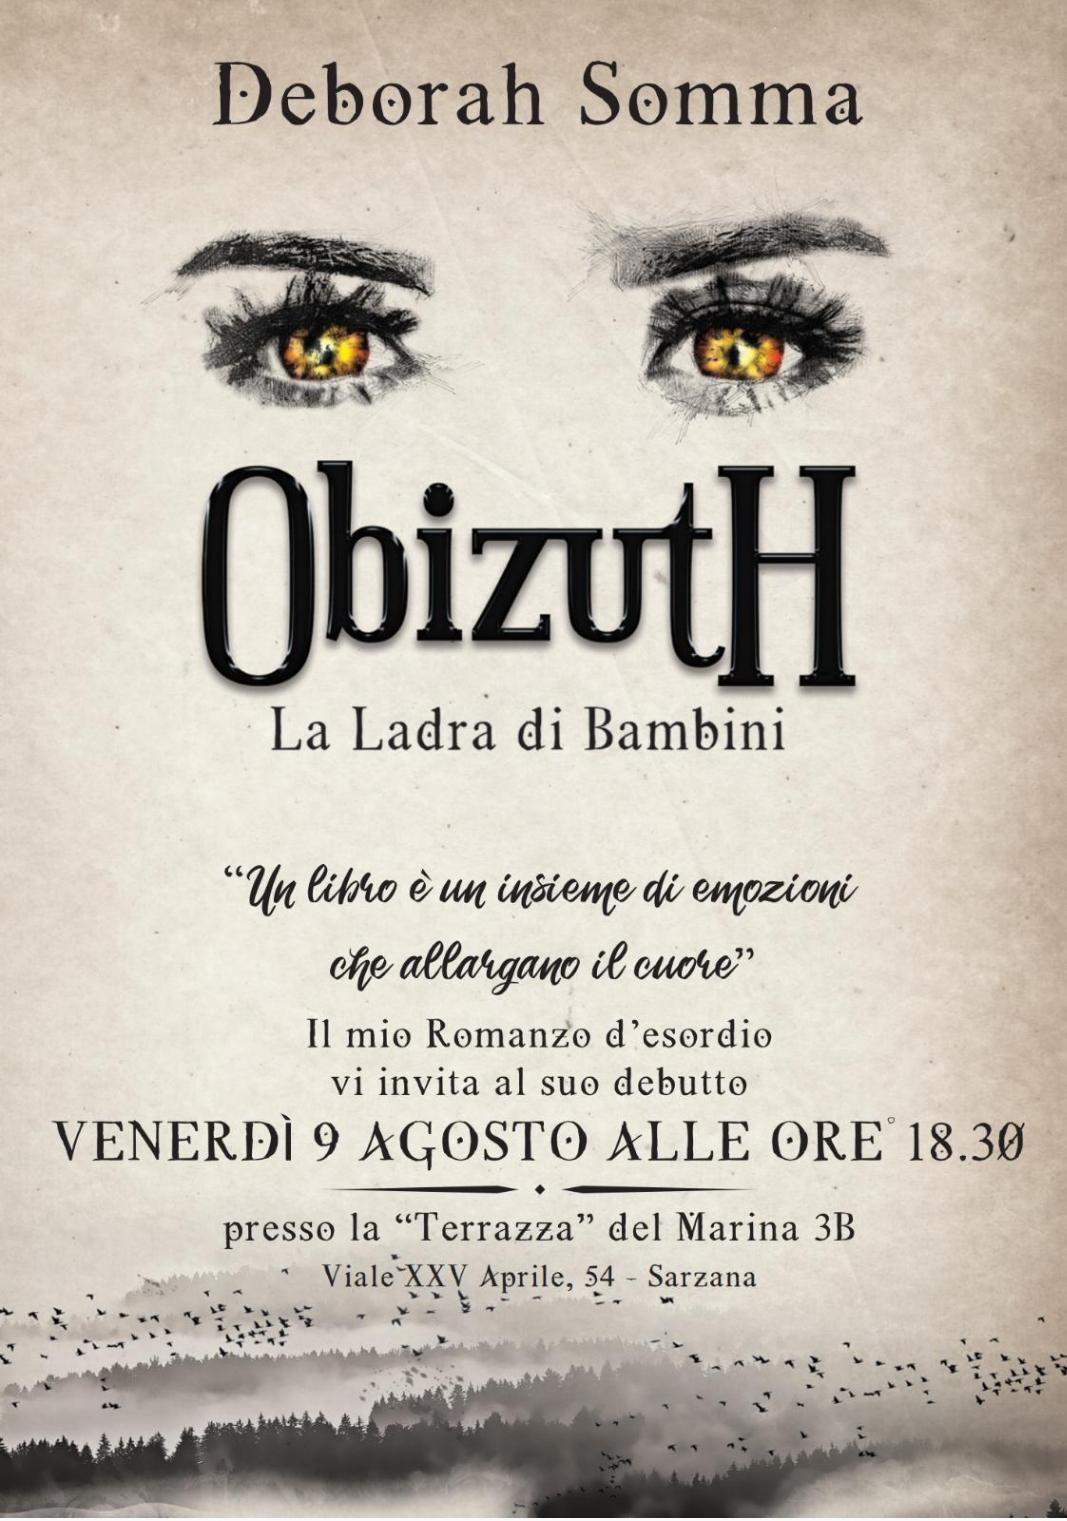 """Presentazione romanzo """"Obizuth – La Ladra di Bambini"""""""